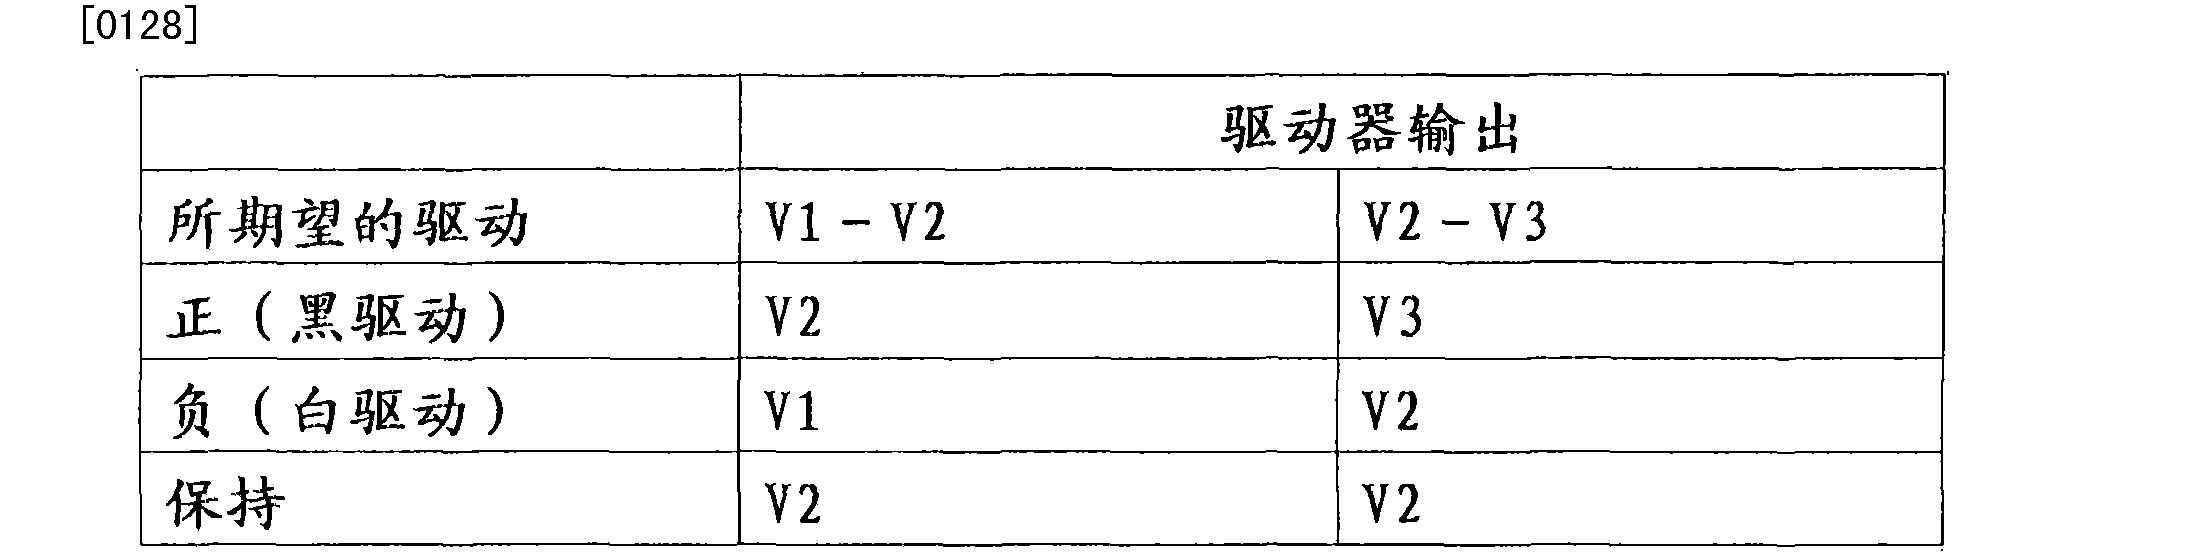 Figure CN101676980BD00181